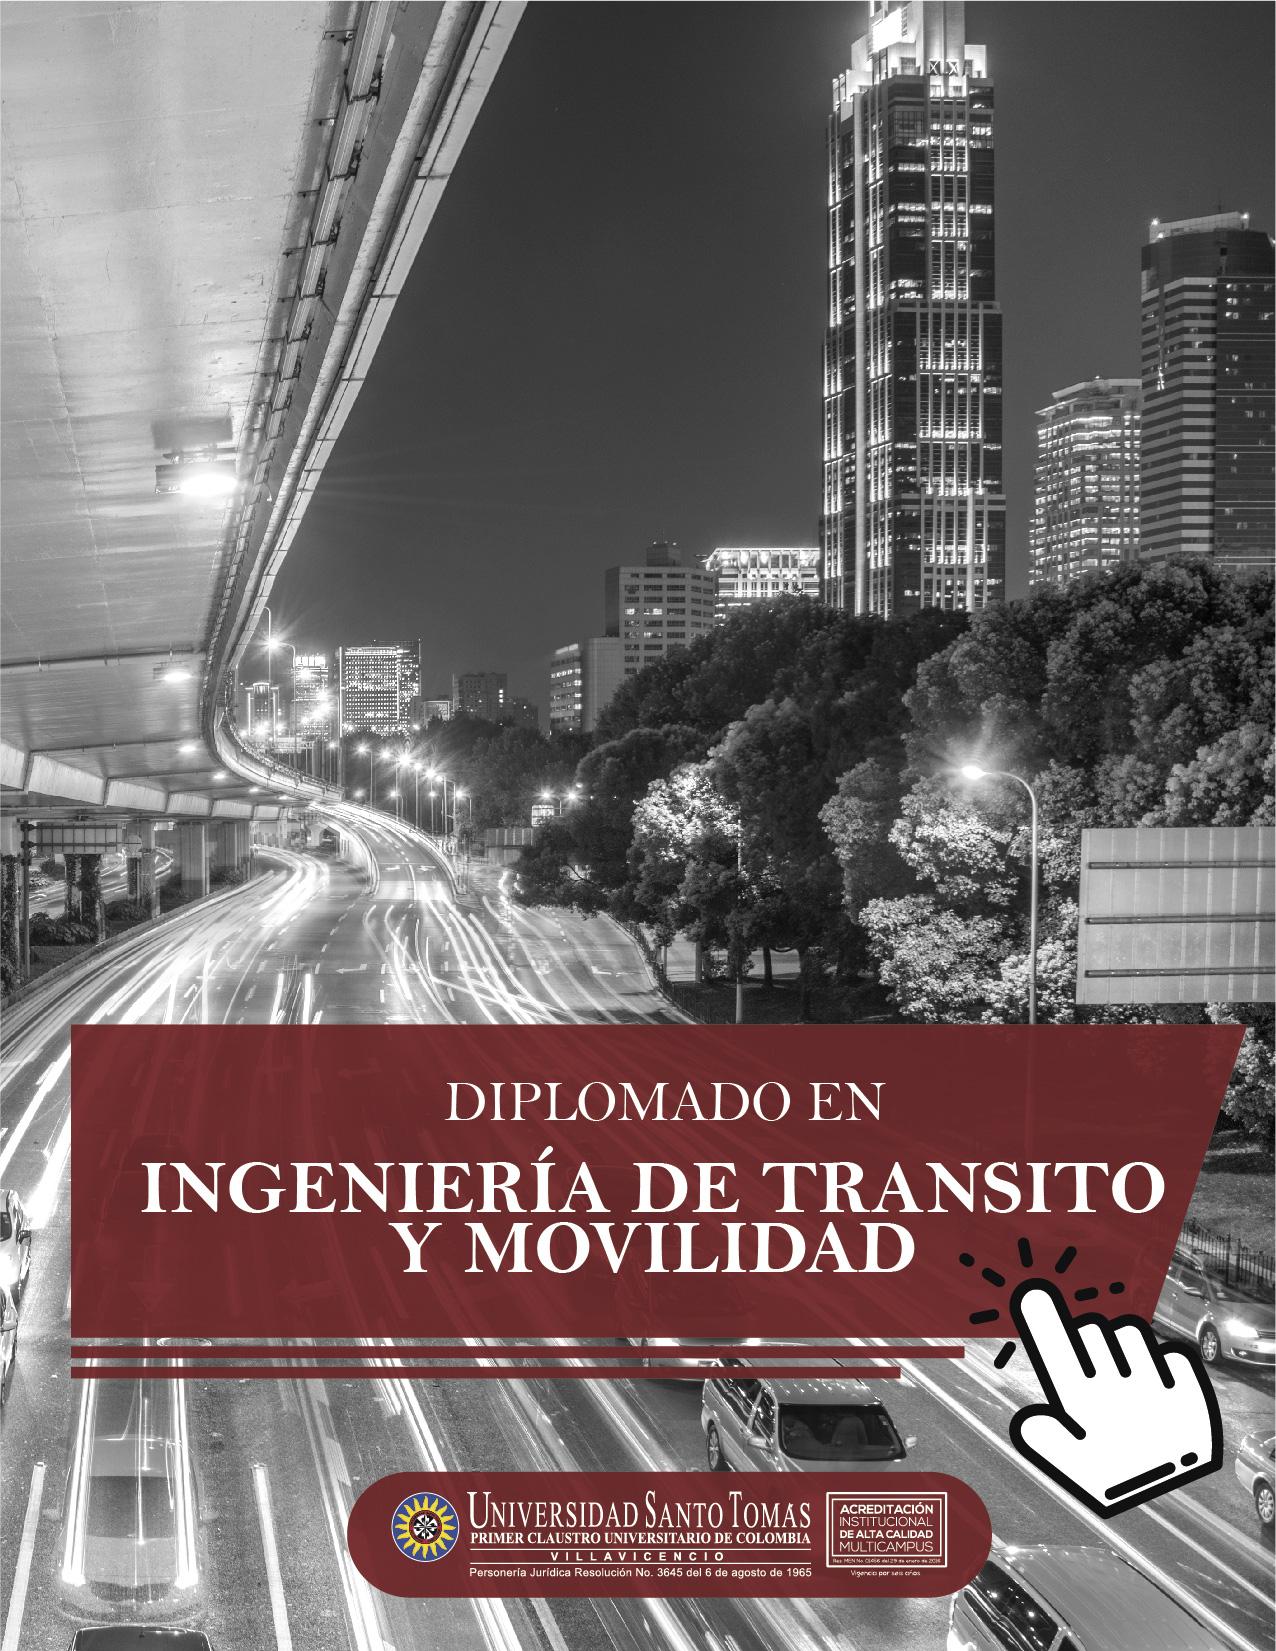 Diplomado en Ingeniería de Transito y Movilidad USTA Villavicencio